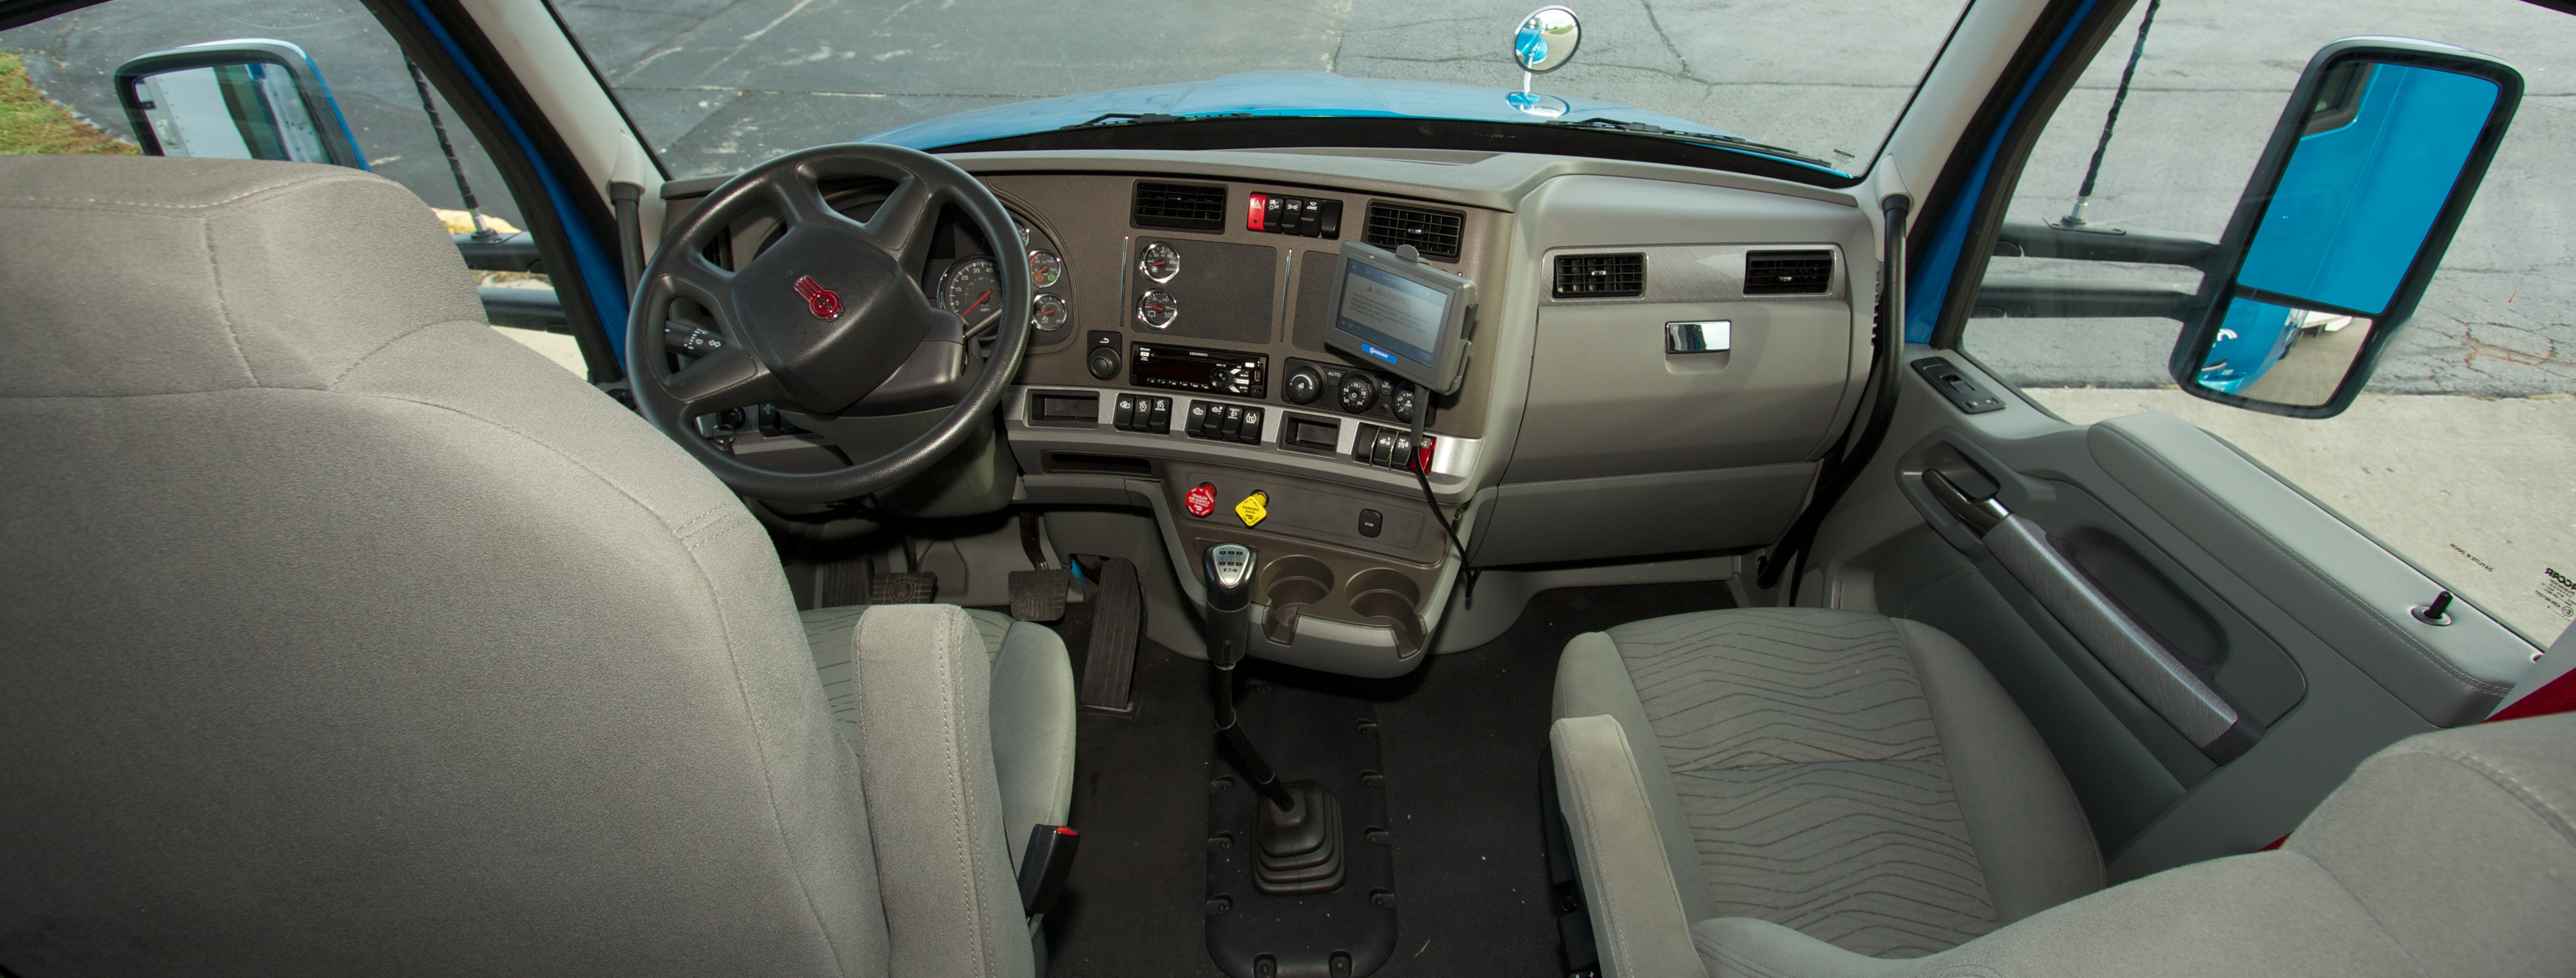 TransLand_Truck_Interior_10_28_14_1.jpg